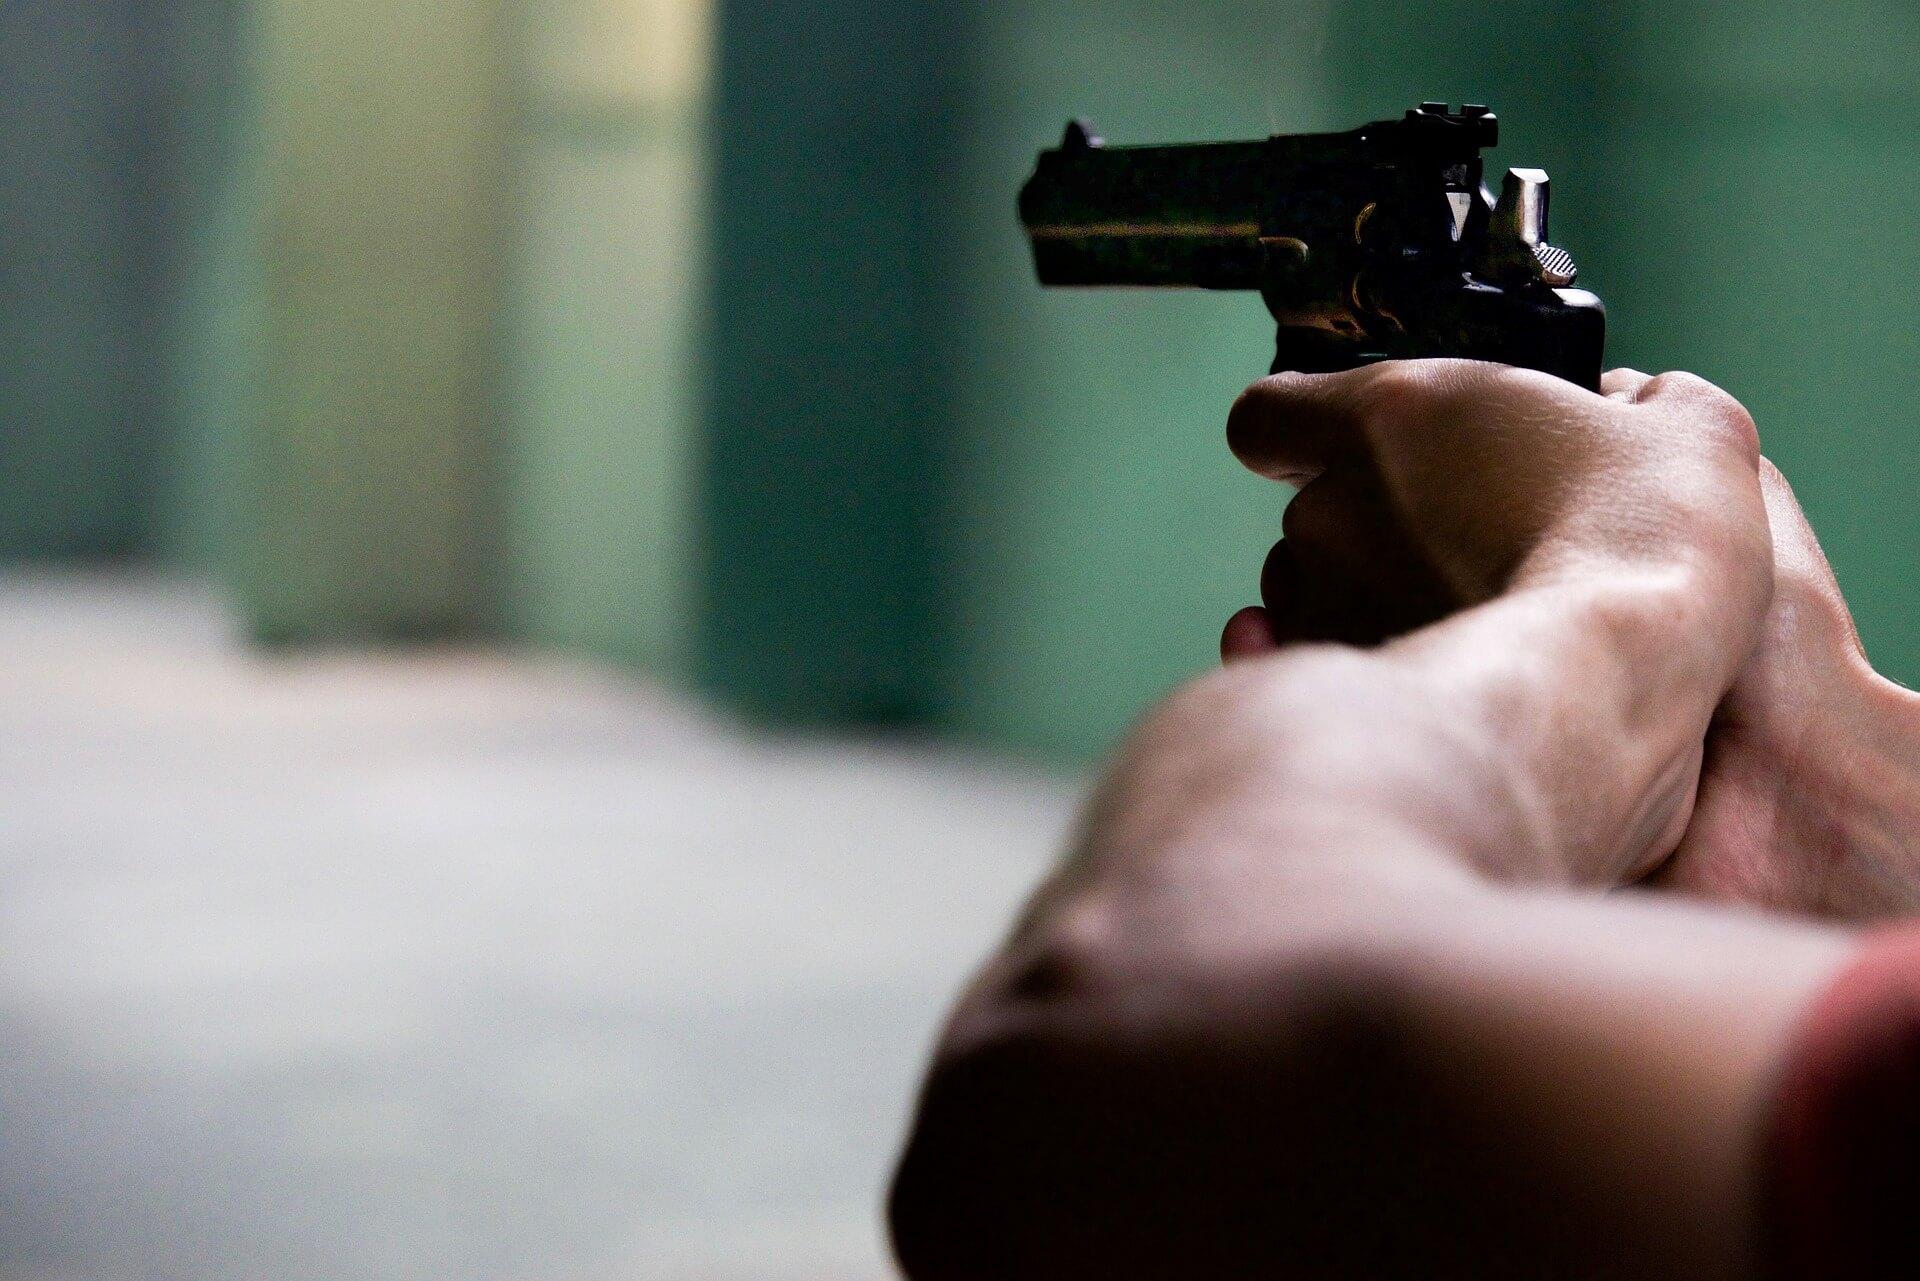 עבירות נשק בצבא - שי רודה עורך שין צבאי מקצועי